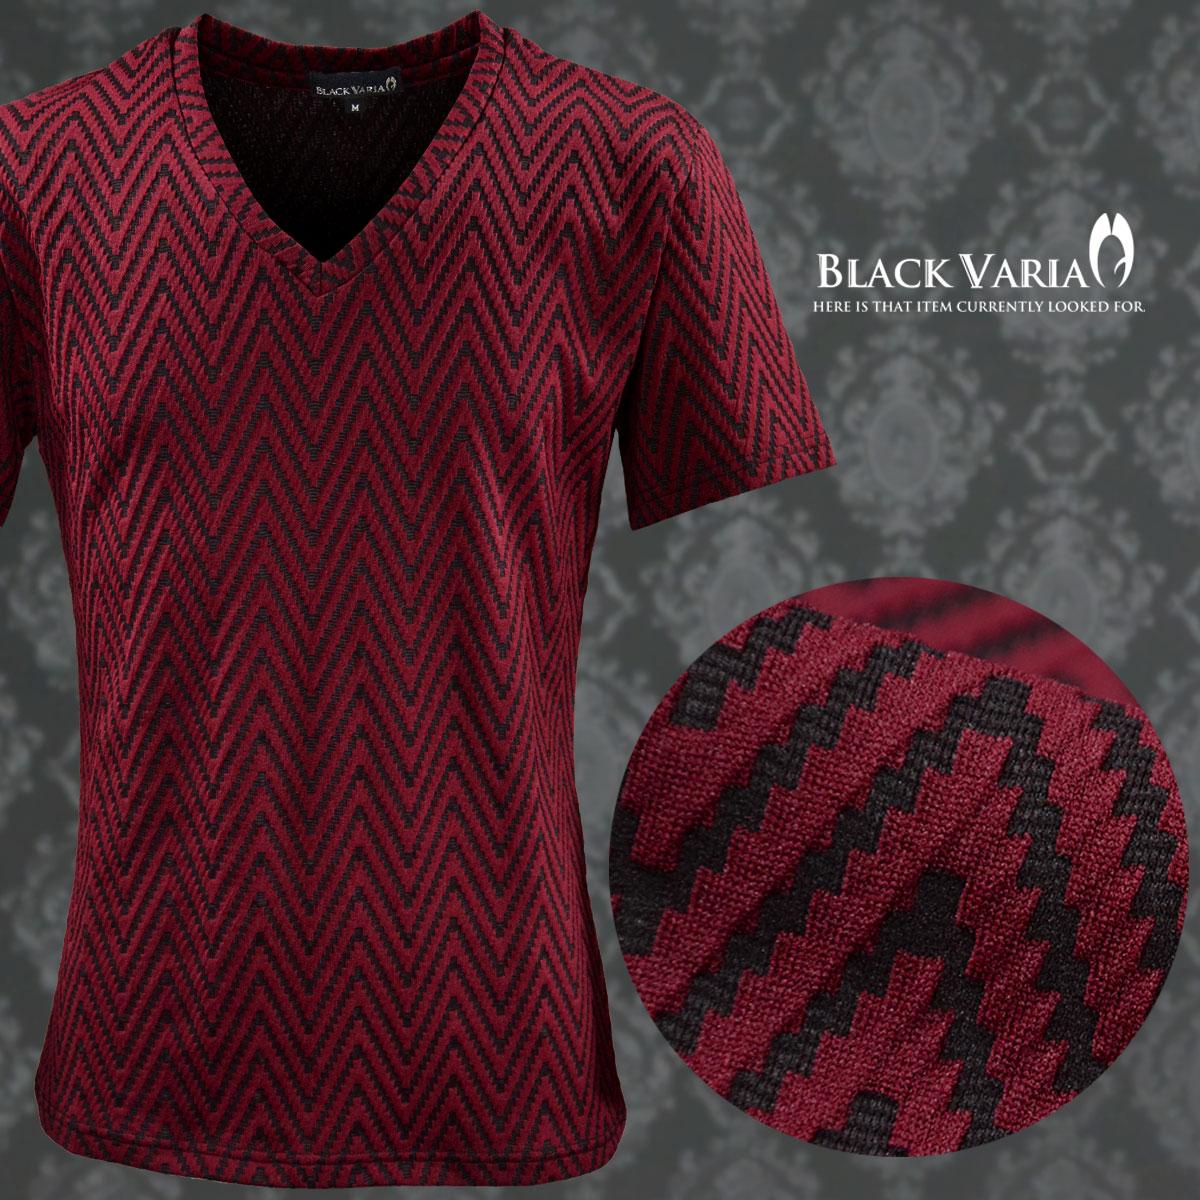 Tシャツ ジグザグ ボーダー Vネック 半袖Tシャツ メンズ(レッド赤ブラック黒)